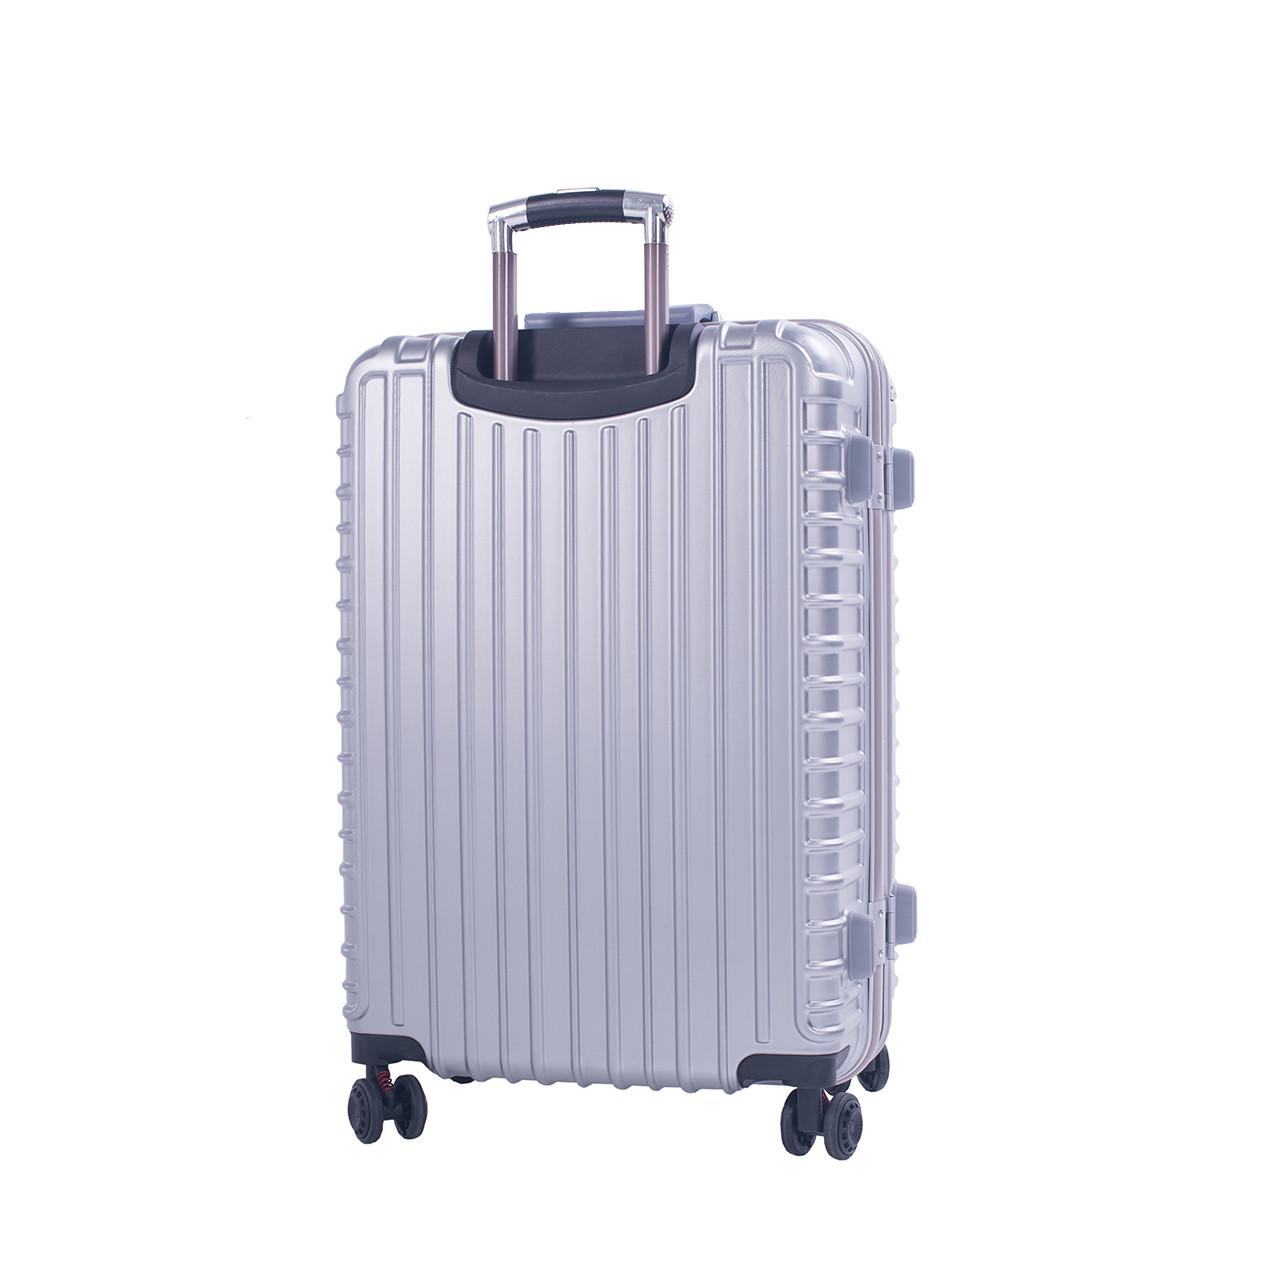 Чемодан BagHouse пластиковый 4 колеса 47х66х32, цвет серый  кс801бсер